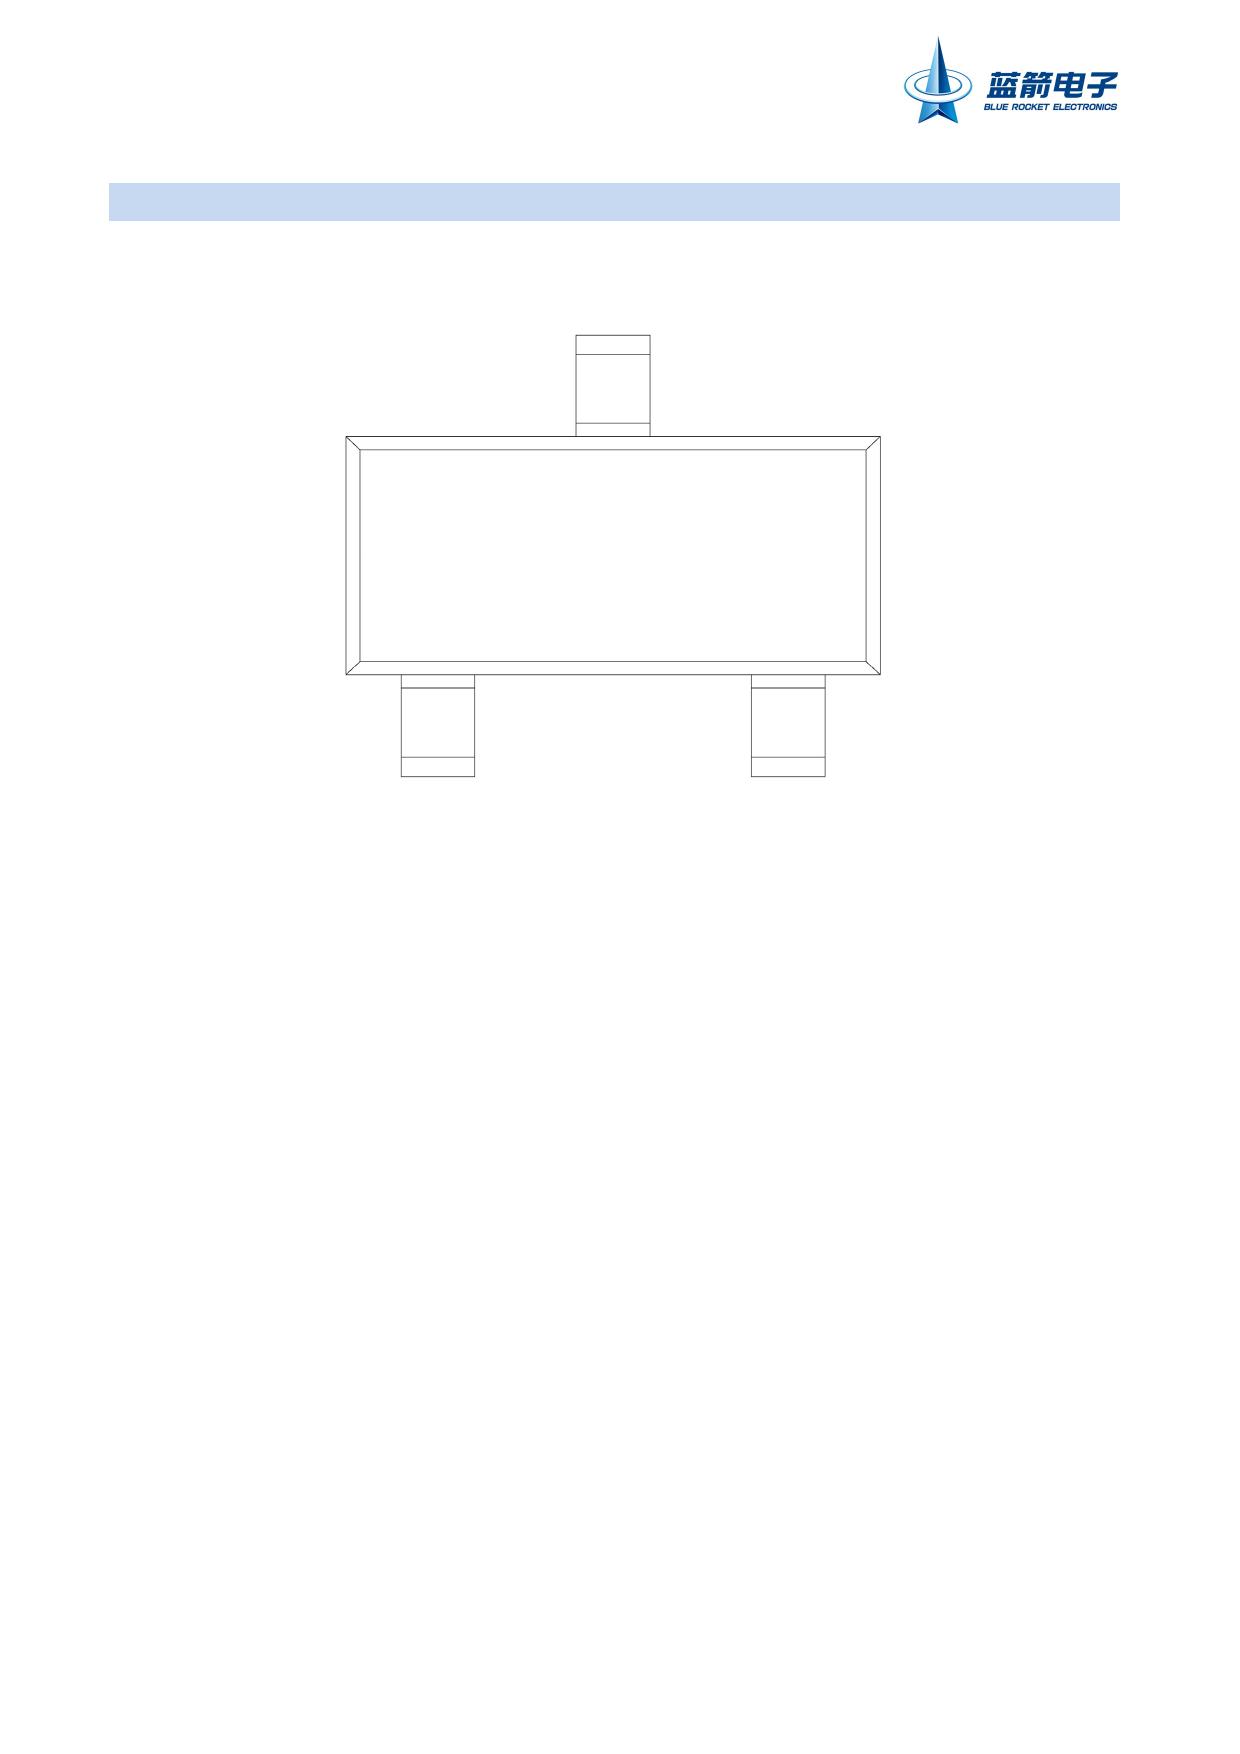 9014MG pdf